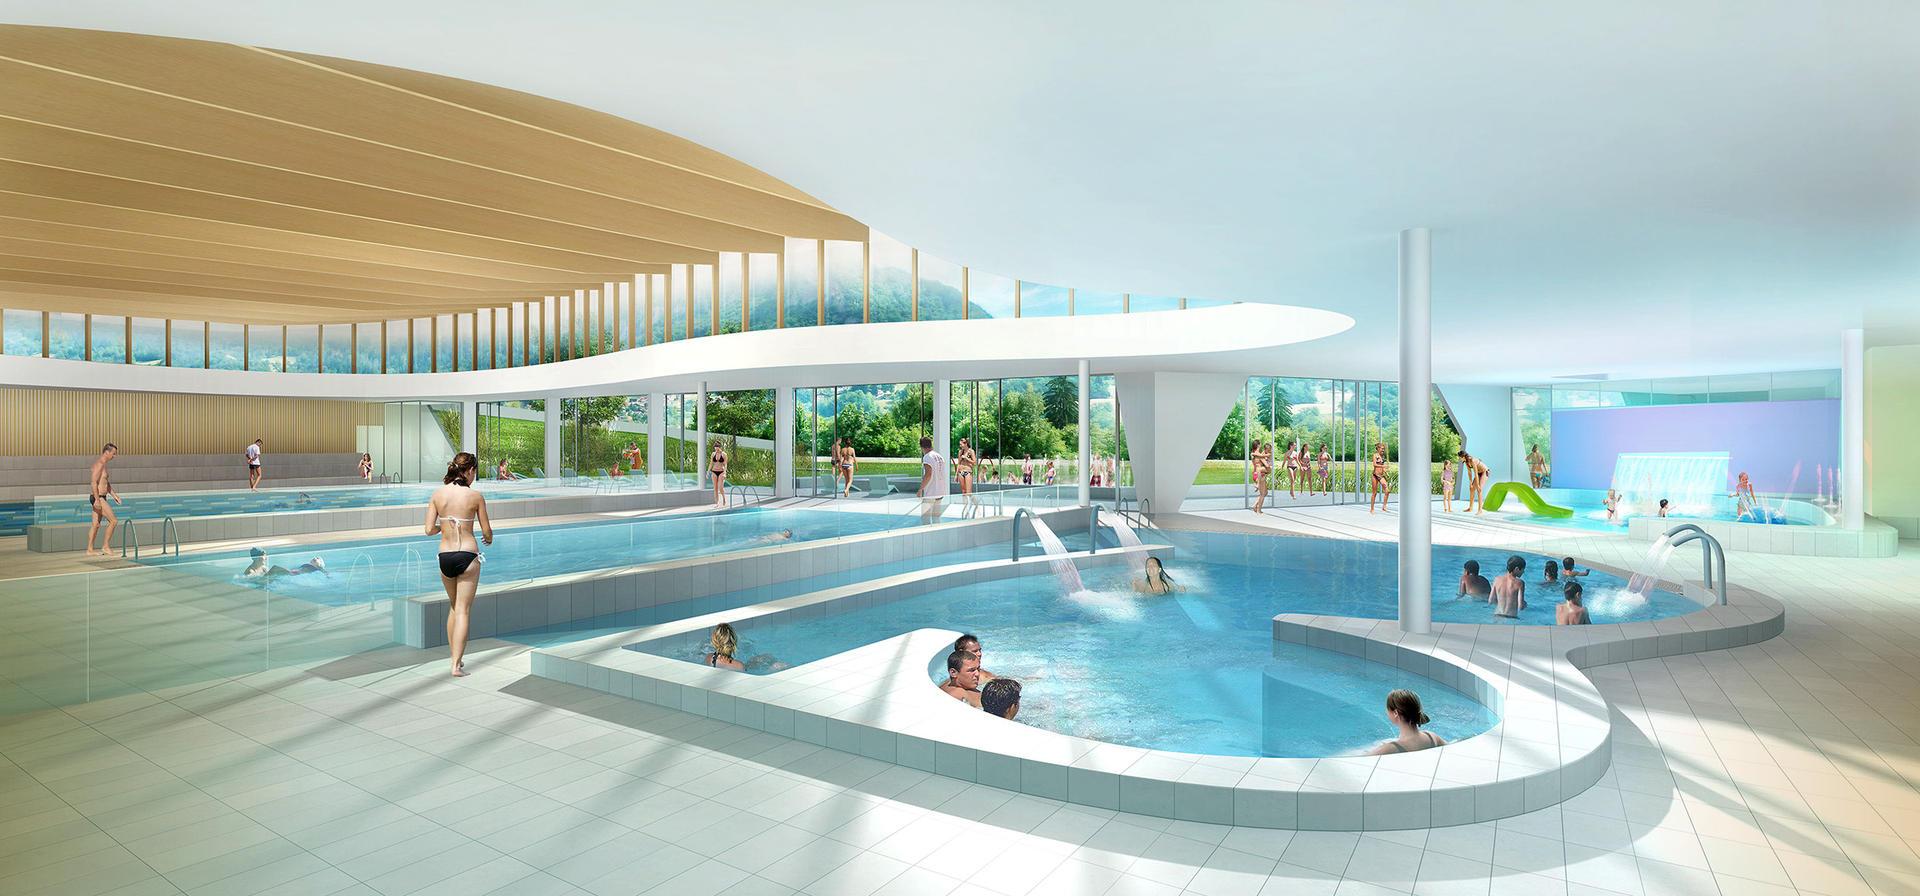 Le Centre Aquatique De Sallanches - Ville De Sallanches à Piscine Sallanches